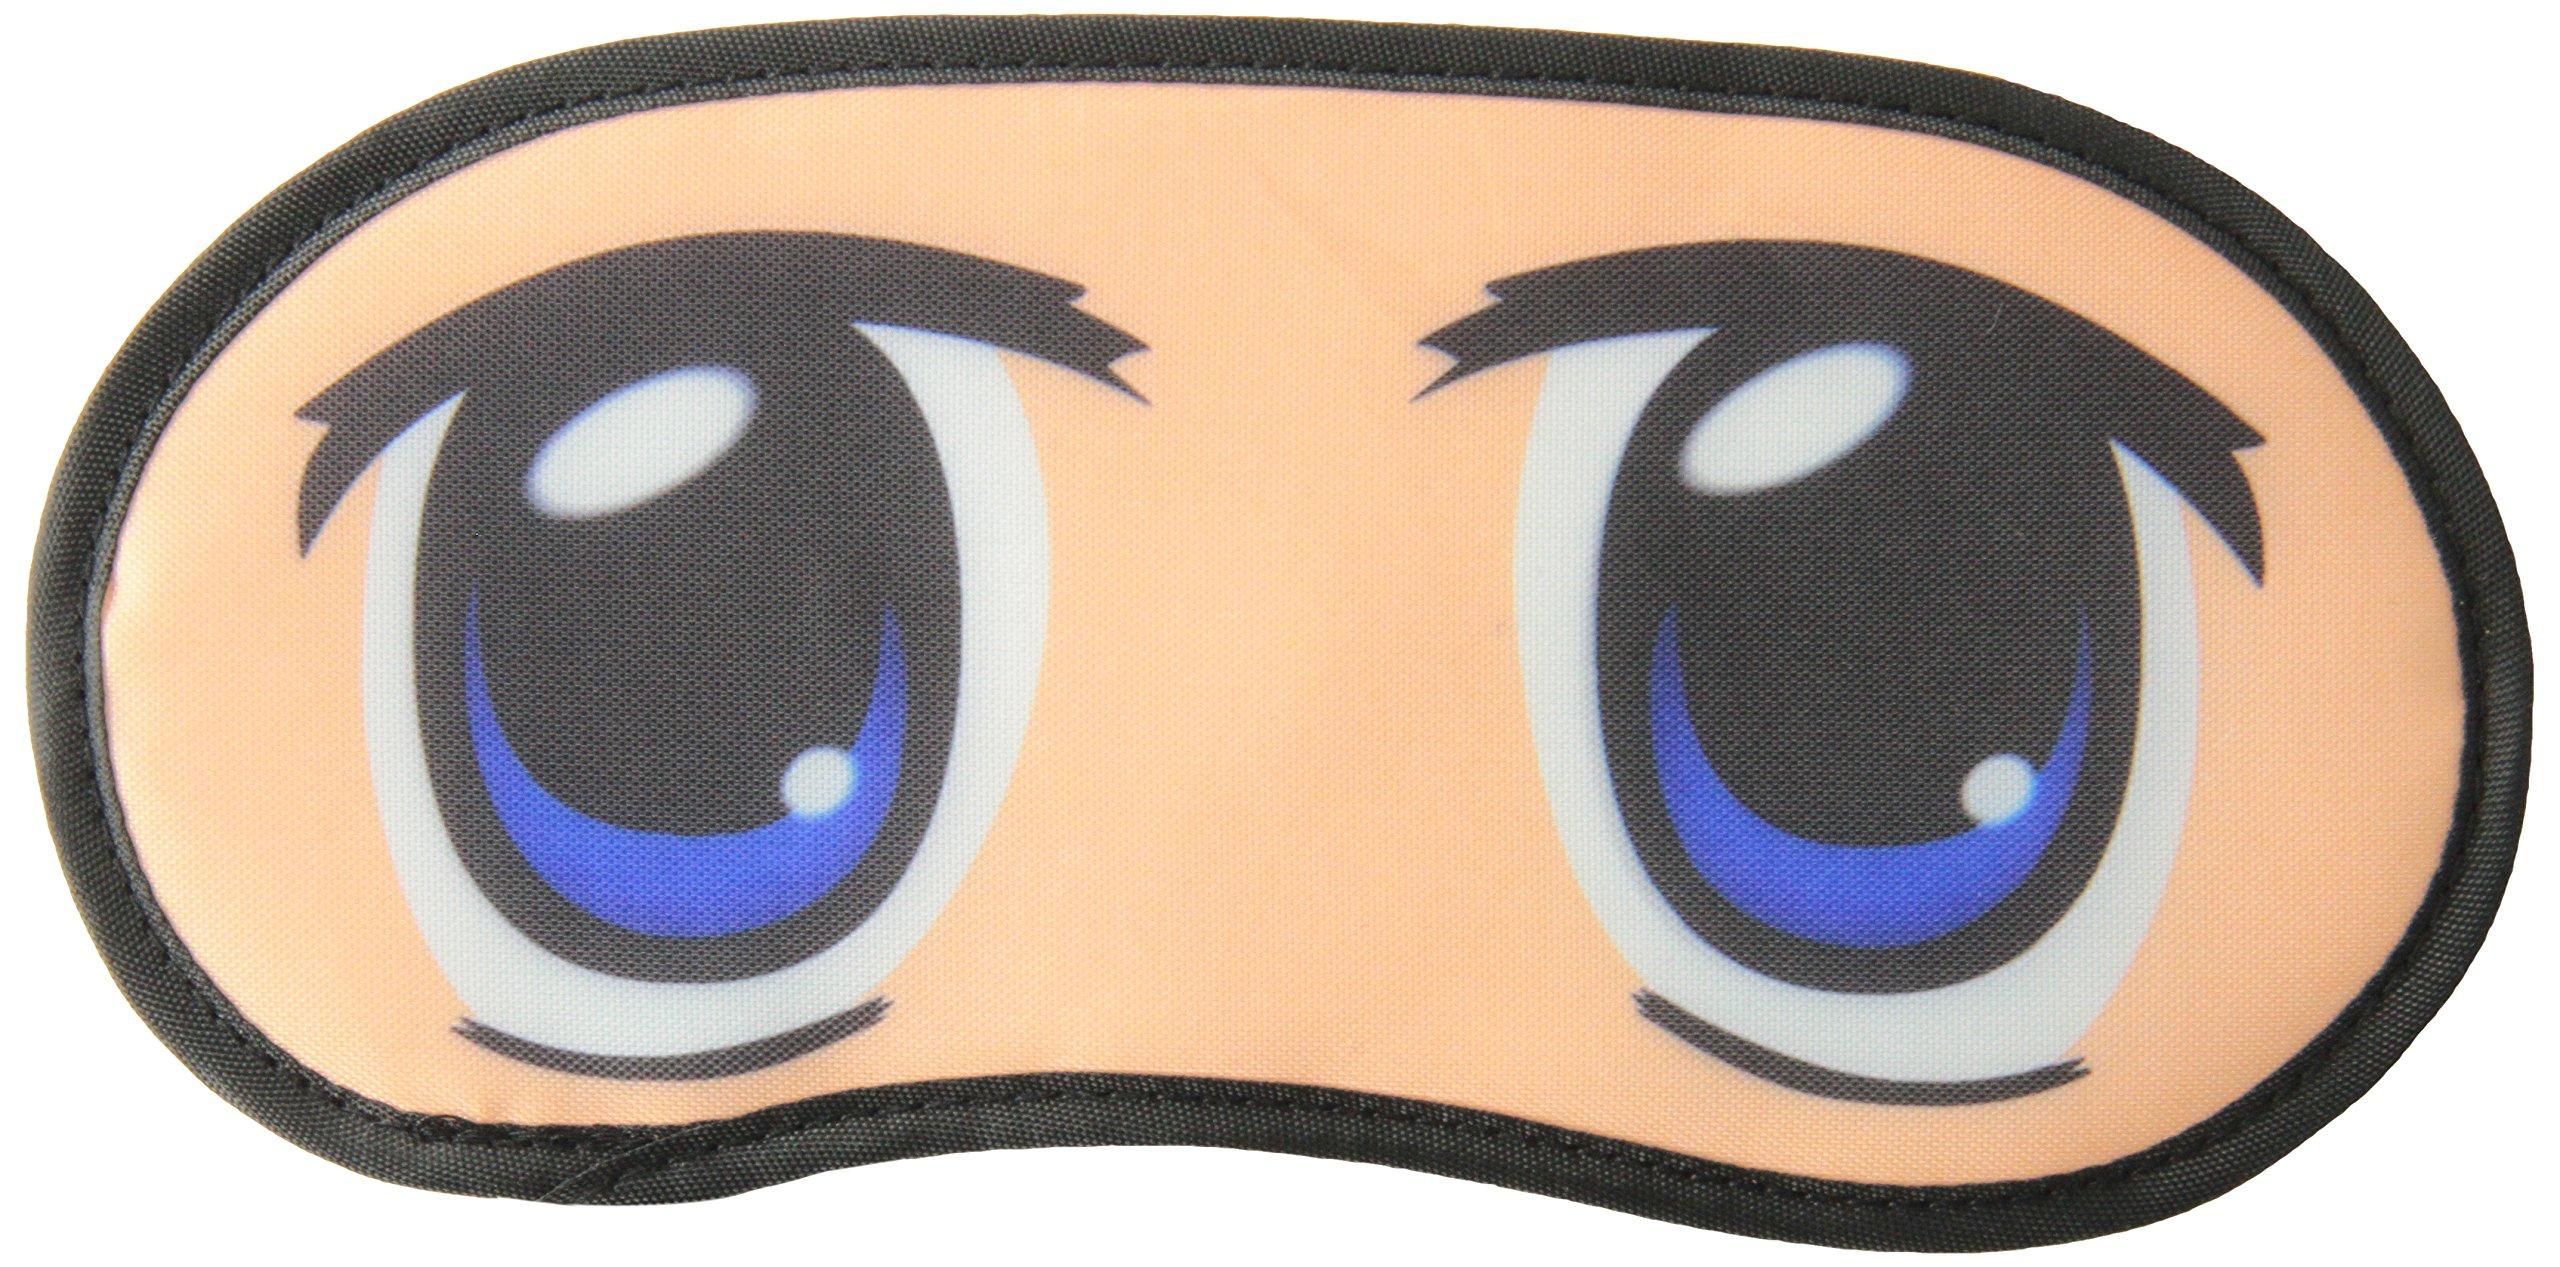 Accoutrements Anime Eyes Sleep Mask